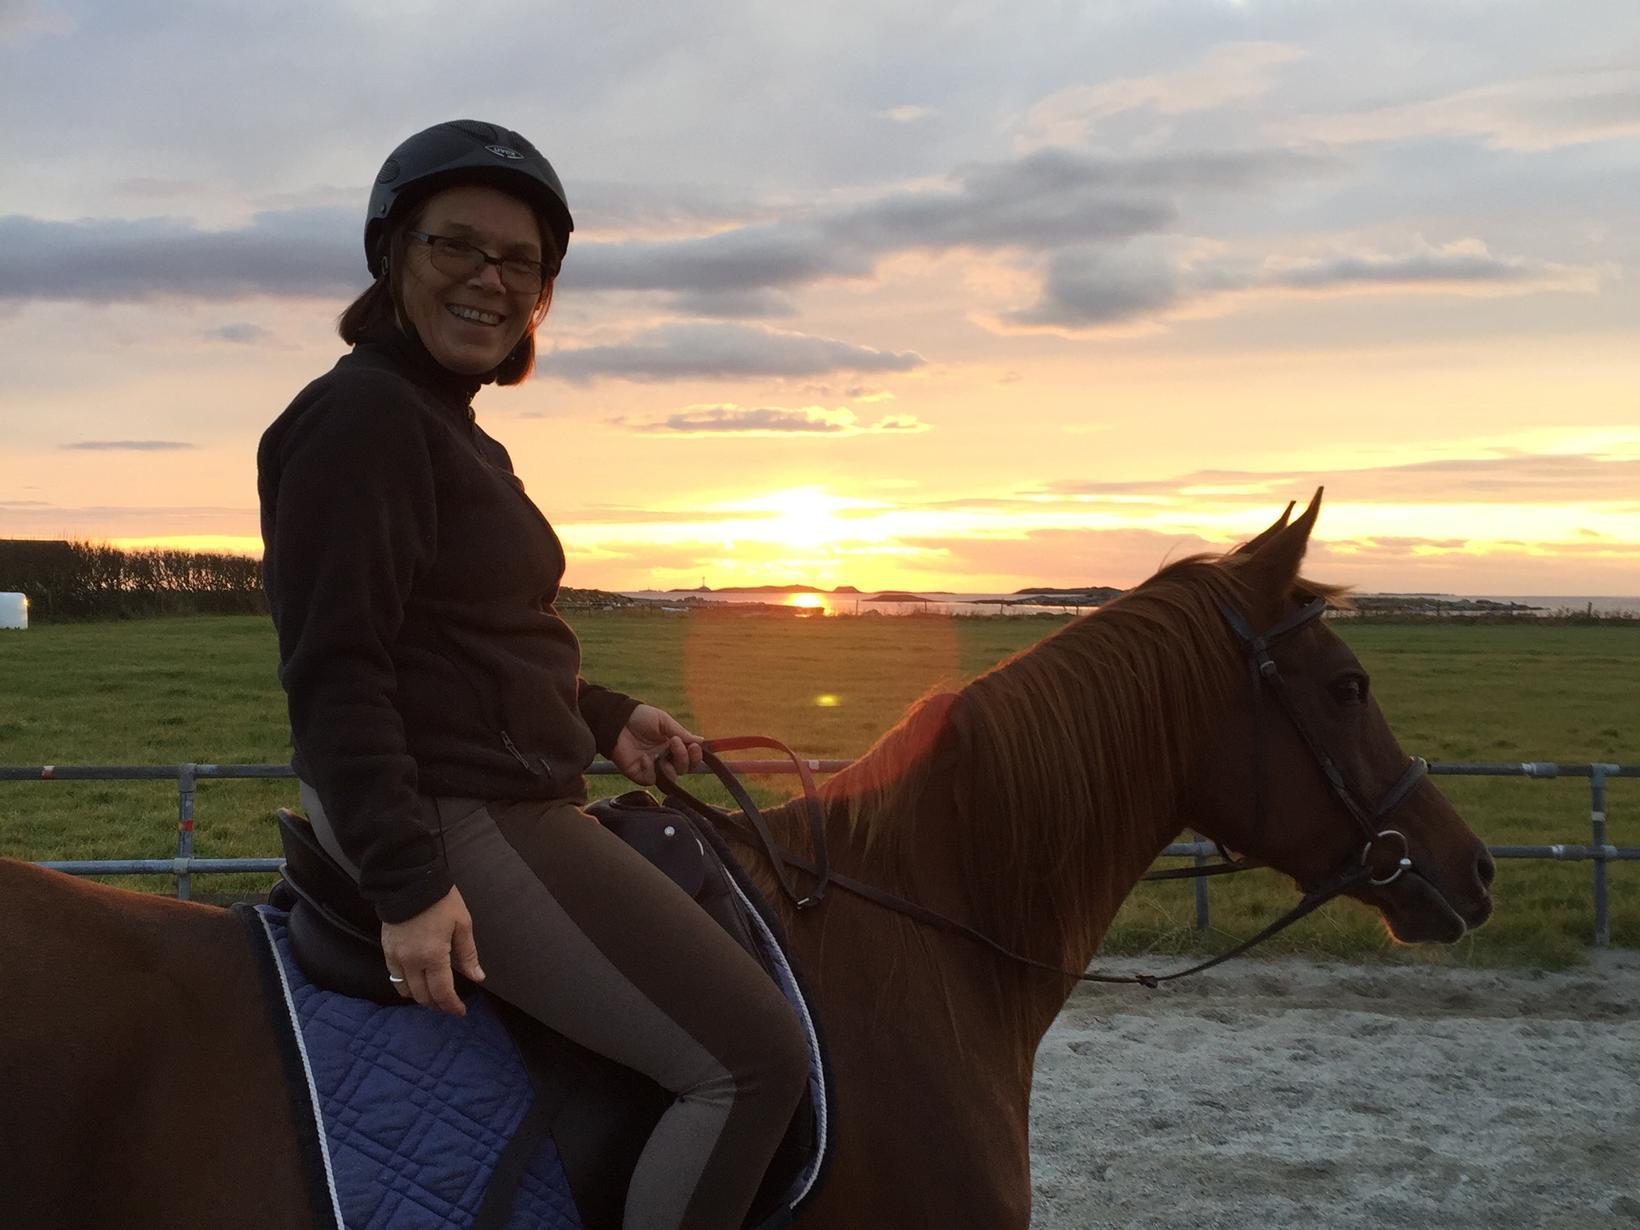 Kirsten & Daughter - johanne theodora from Stavanger, Norway